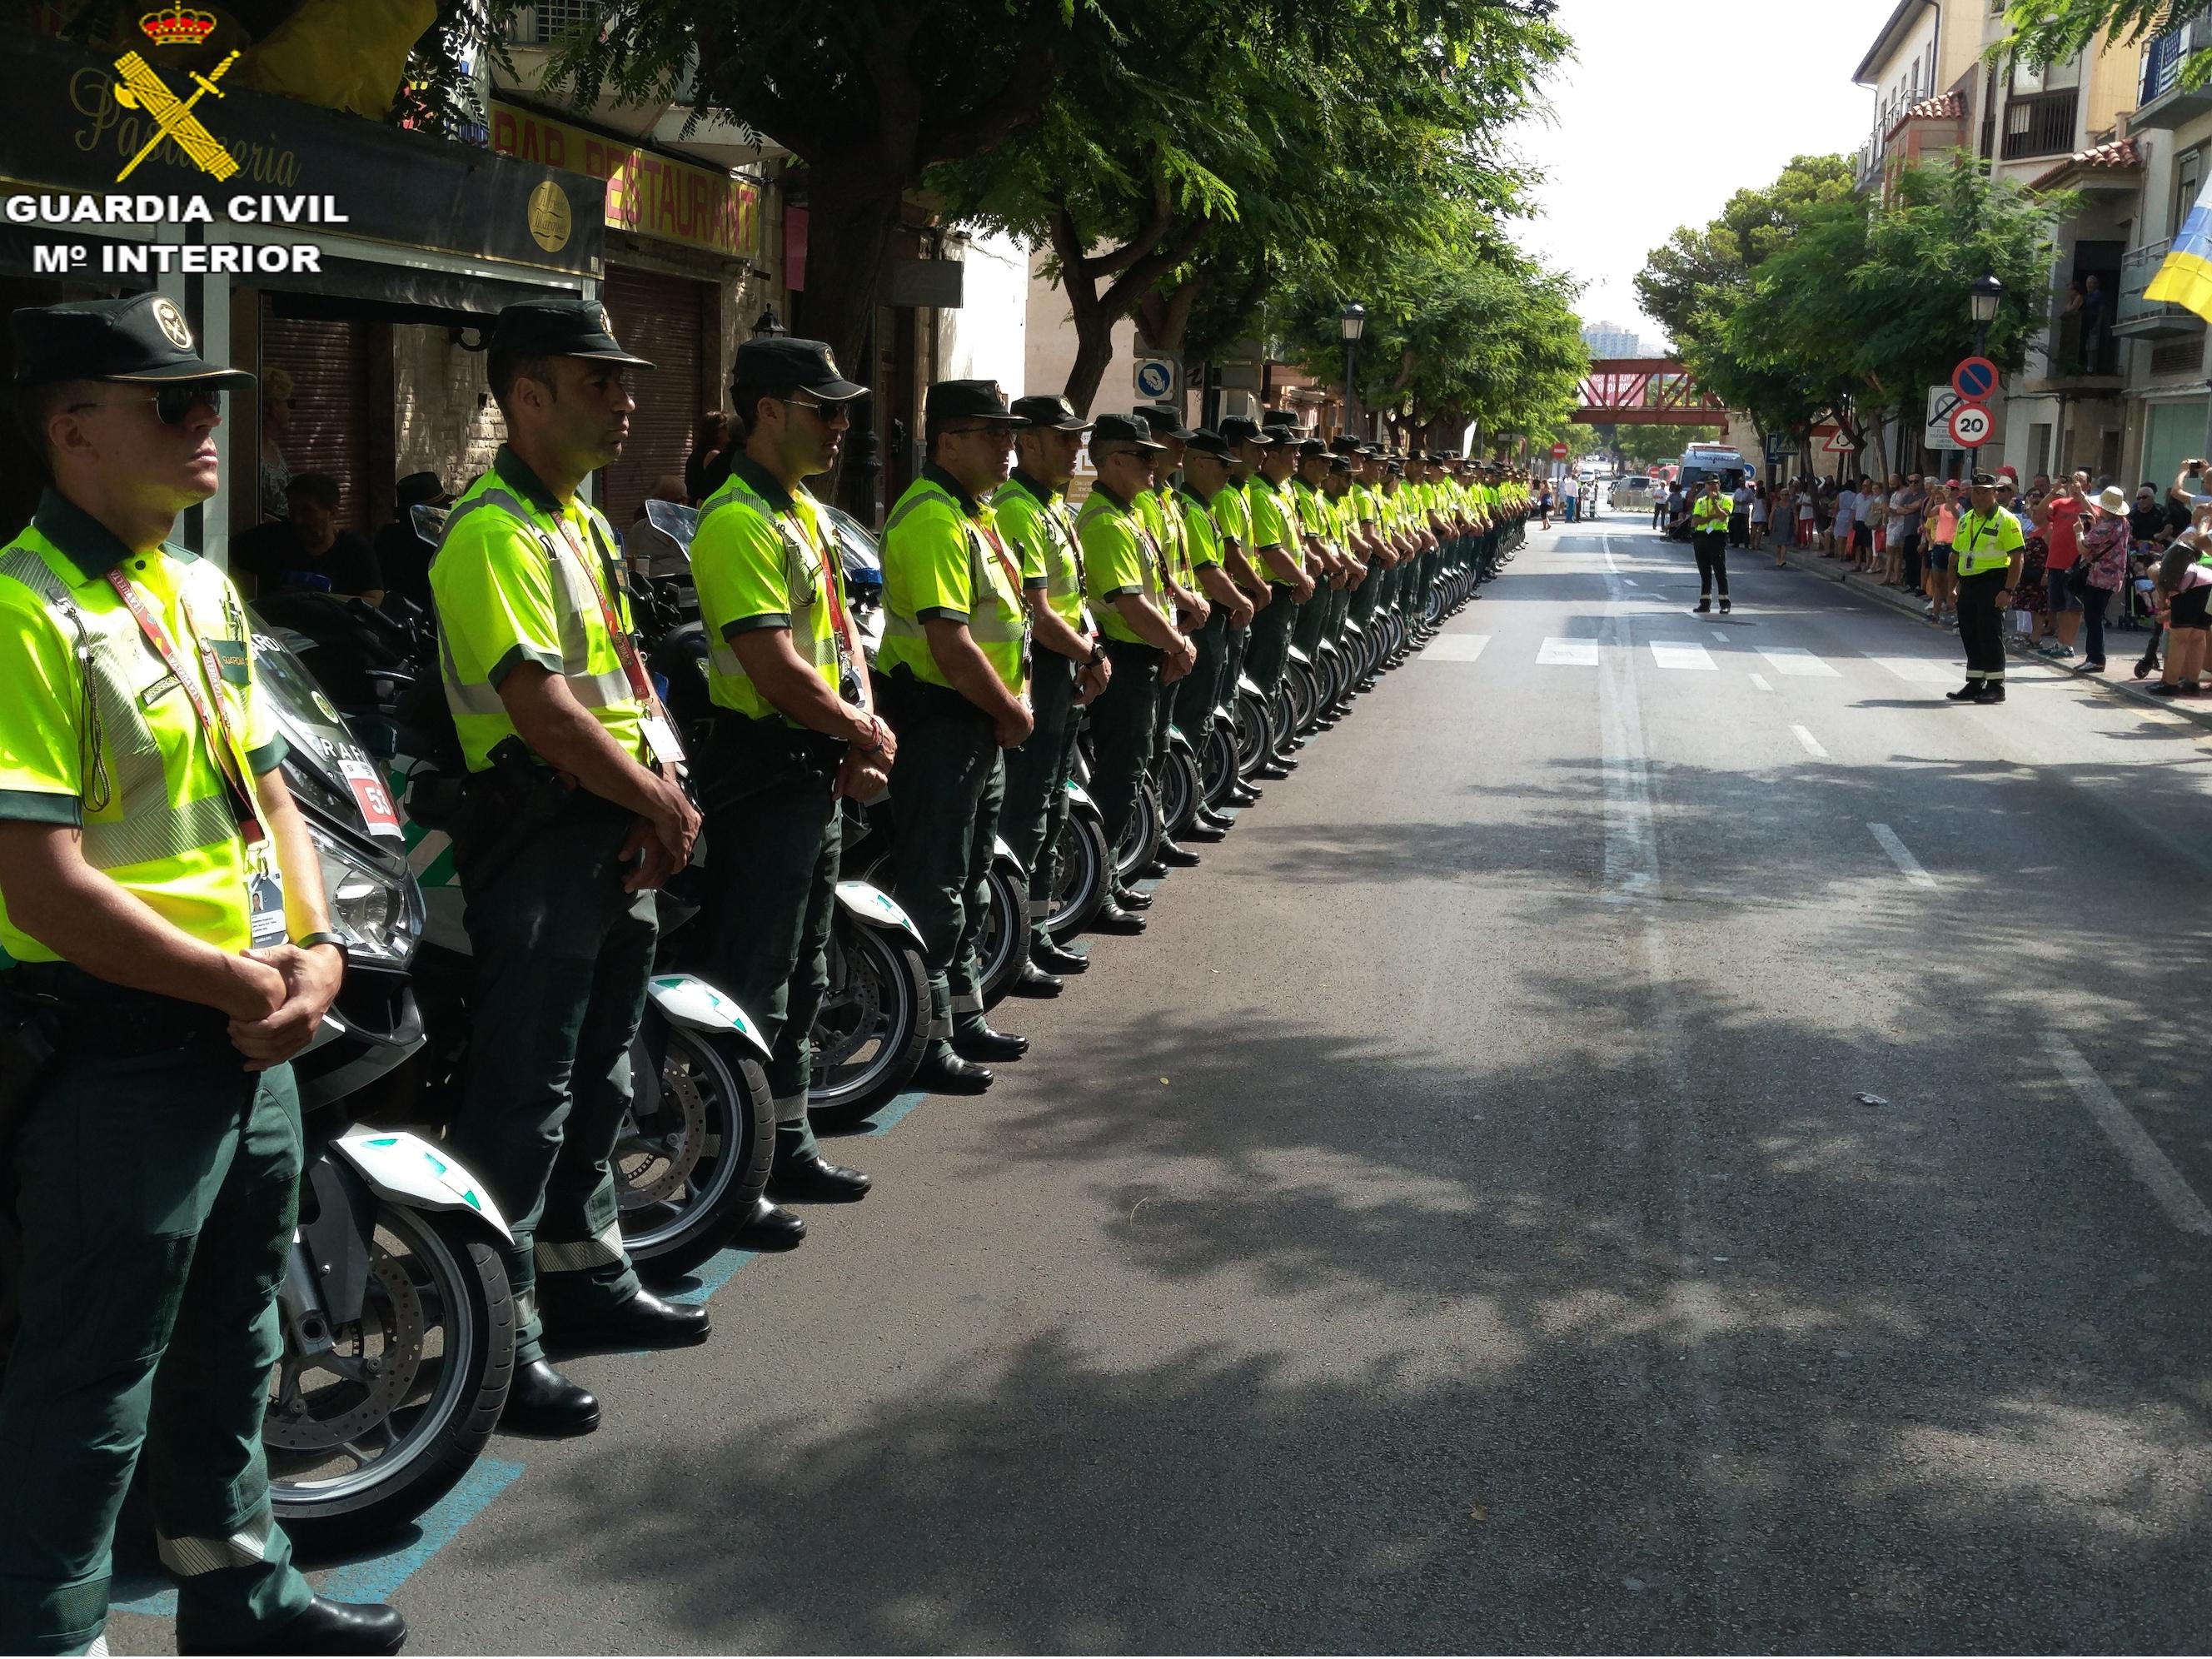 Además de este dispositivo específico acompañan a la Vuelta Ciclista a España 128 agentes de la Guardia Civil, de los cuales 79 pertenecientes a la Agrupación de Tráfico y 38 agentes de la Agrupación de Rural de Seguridad, y el Servicio Aéreo de la Guardia Civil que aporta un helicóptero y cinco agentes, así como 58 motocicletas y 20 turismos.